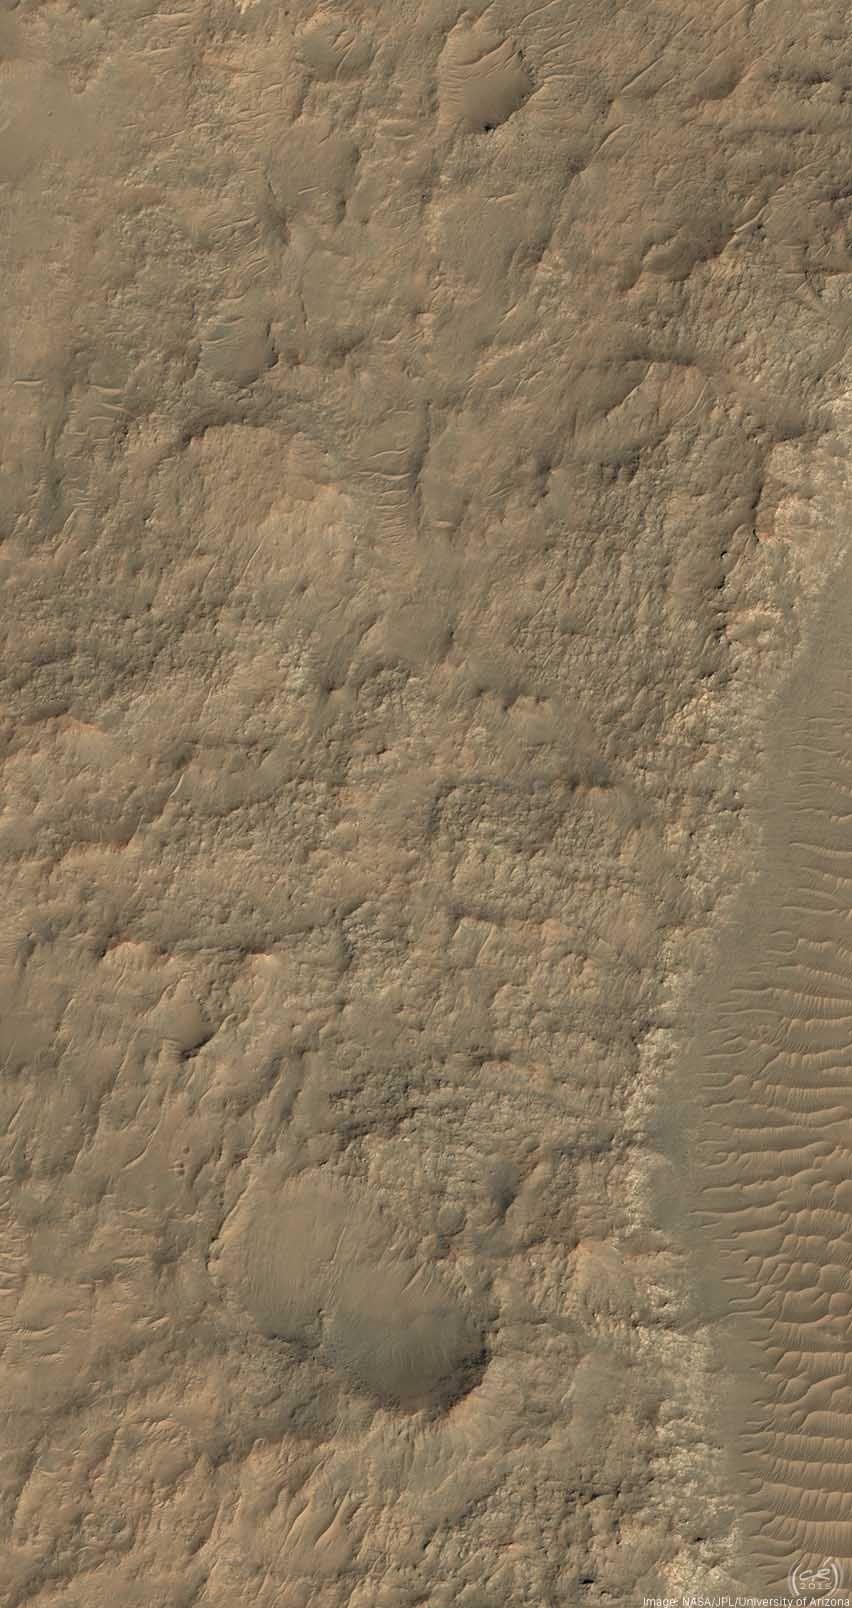 retina/parallaxready iPhone 6 wallpaper. Image NASA/JPL